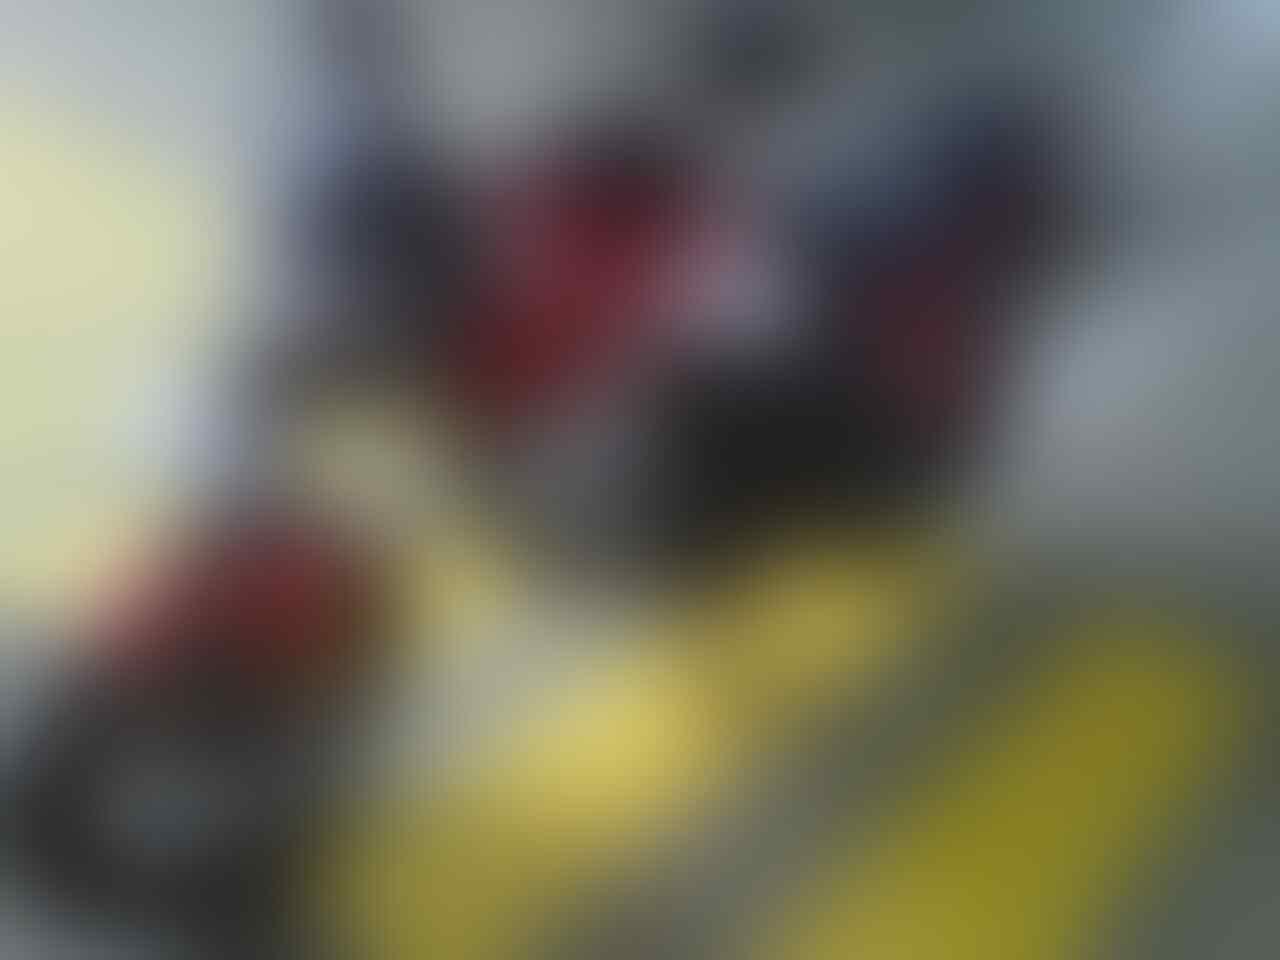 [VERZUS] Komunitas Honda Verza on Kaskus - Part 1